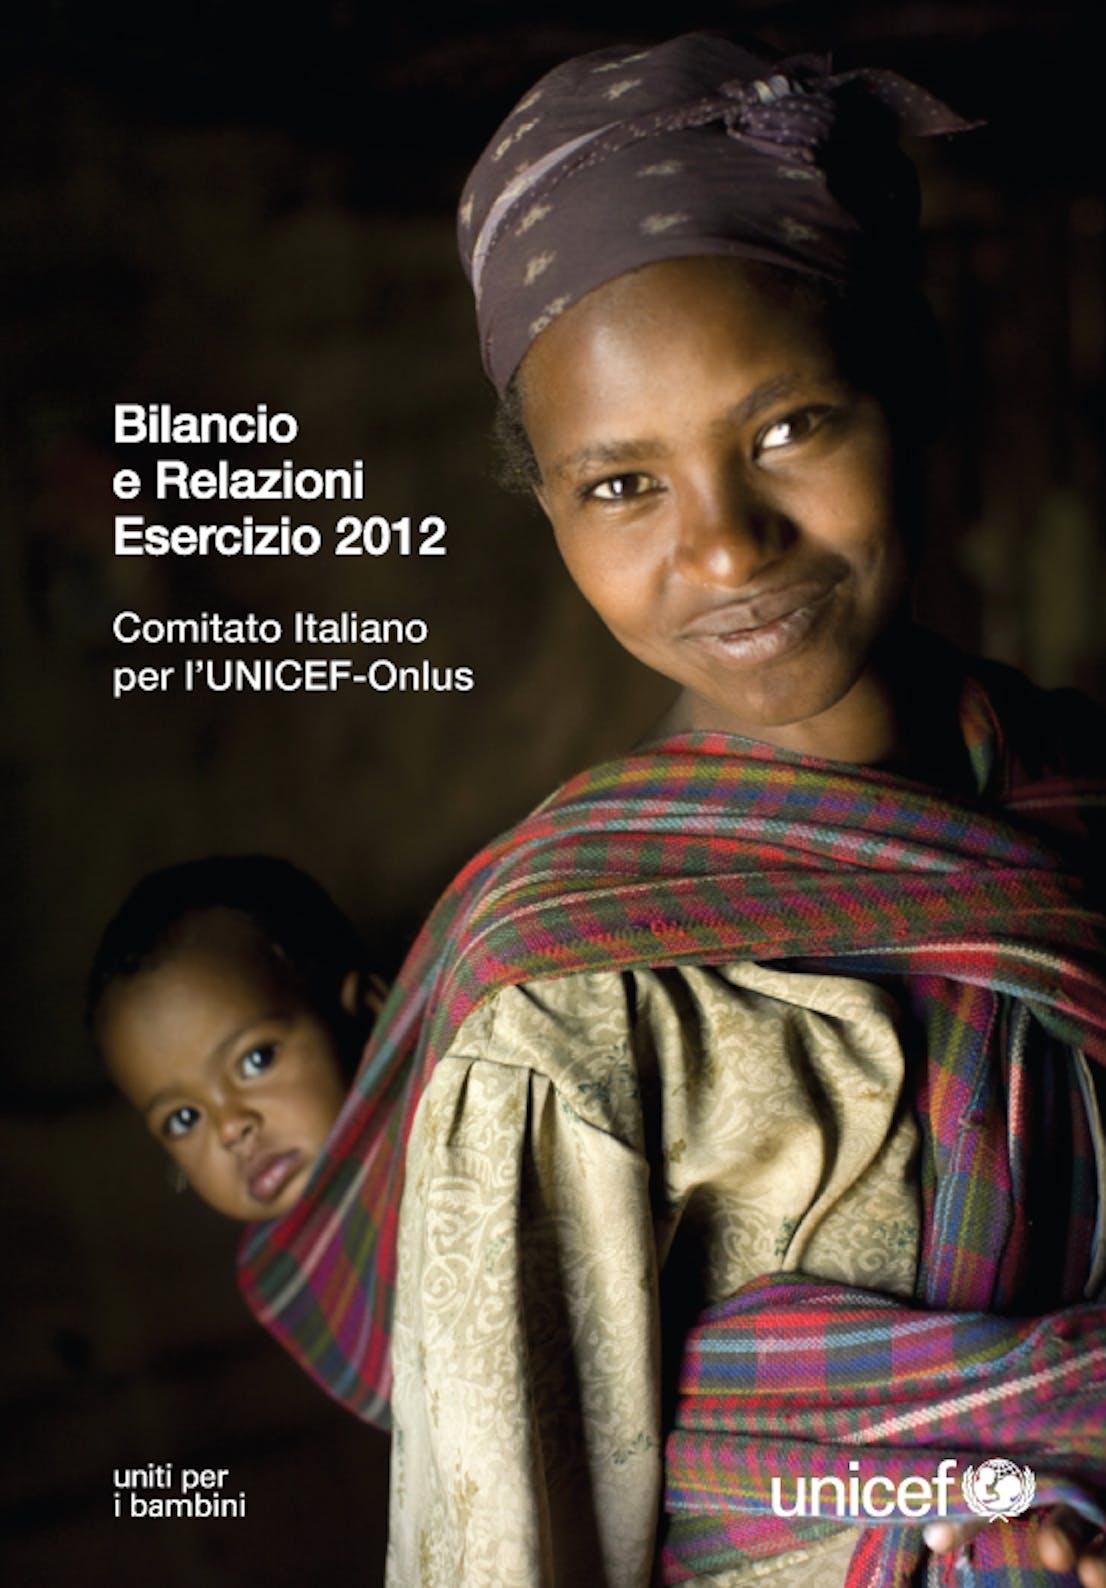 Bilancio e Relazioni Esercizio 2012 Comitato Italiano UNICEF